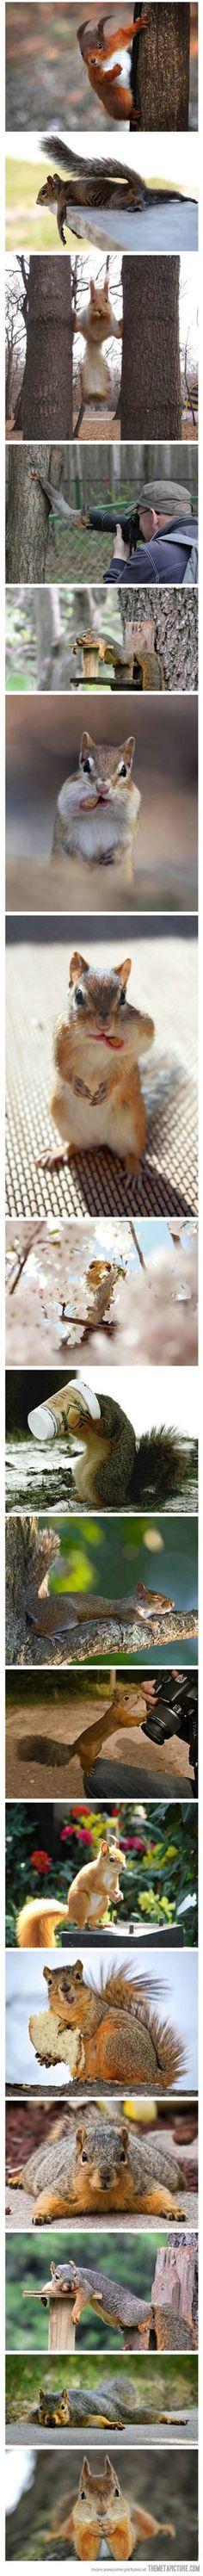 Squirrels being squirrels…